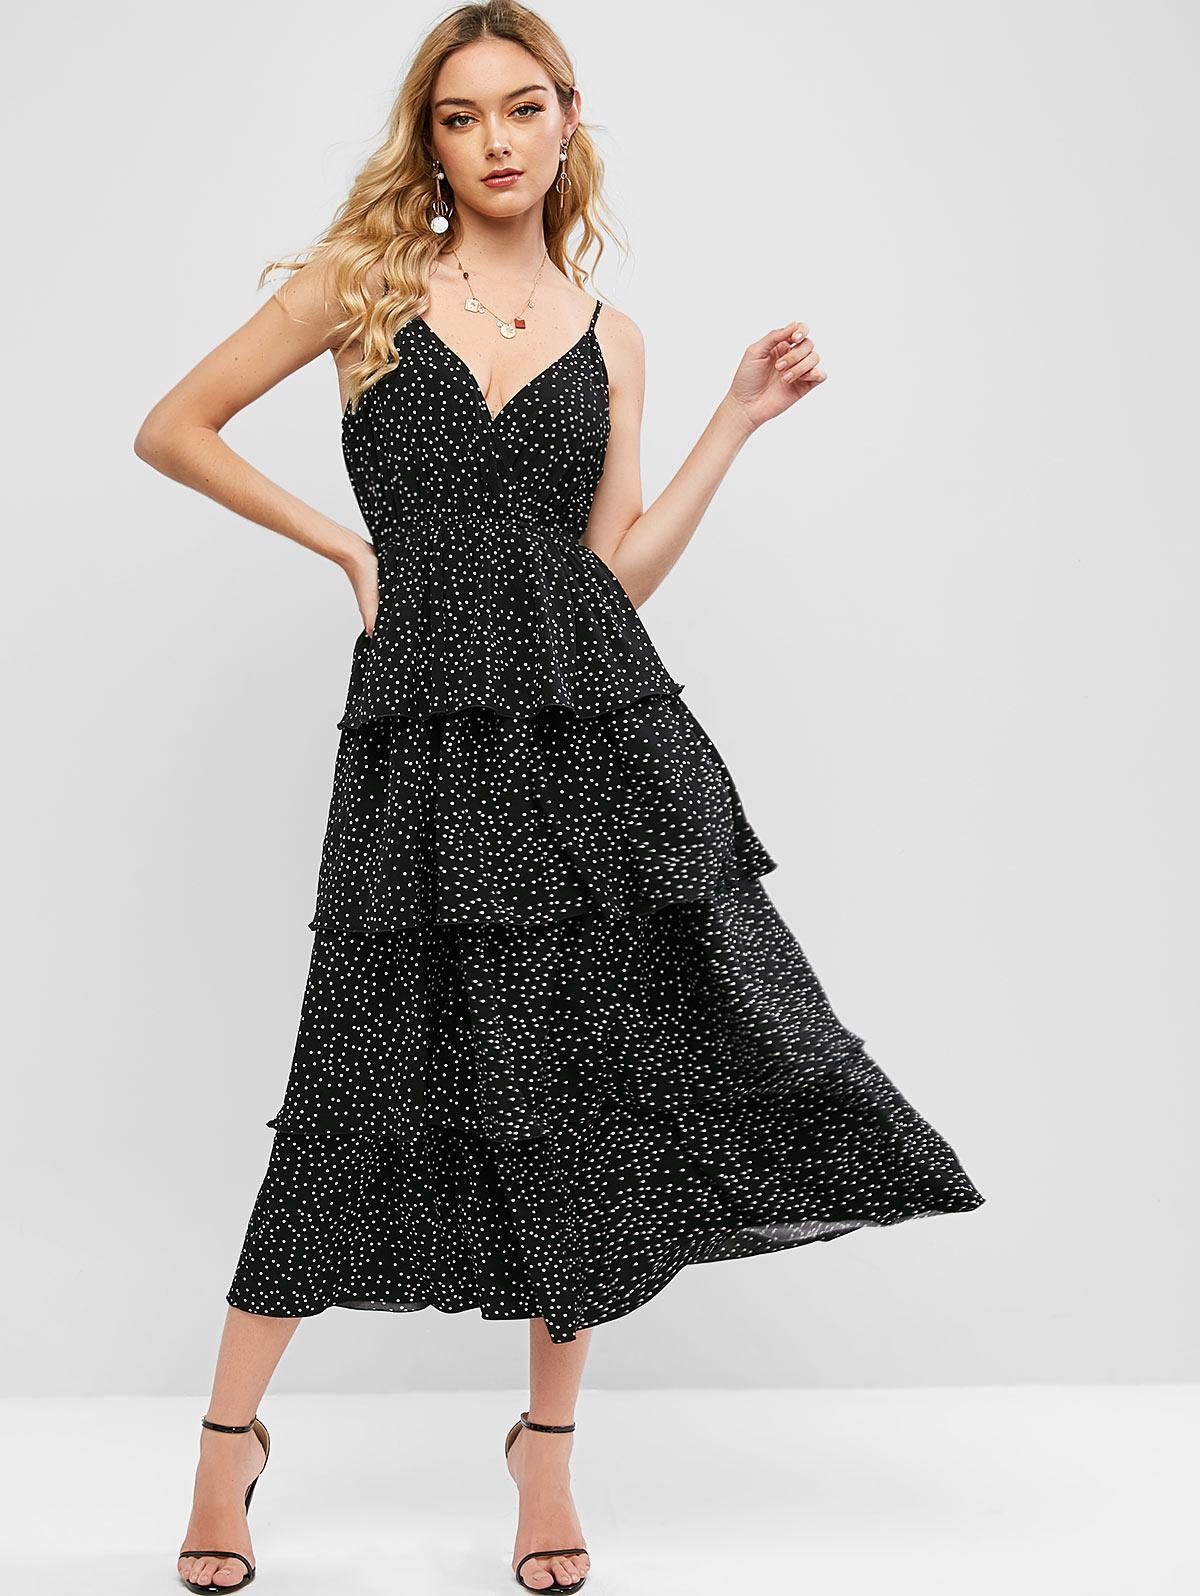 ZAFUL Polka Dot Layered Surplice Cami Dress